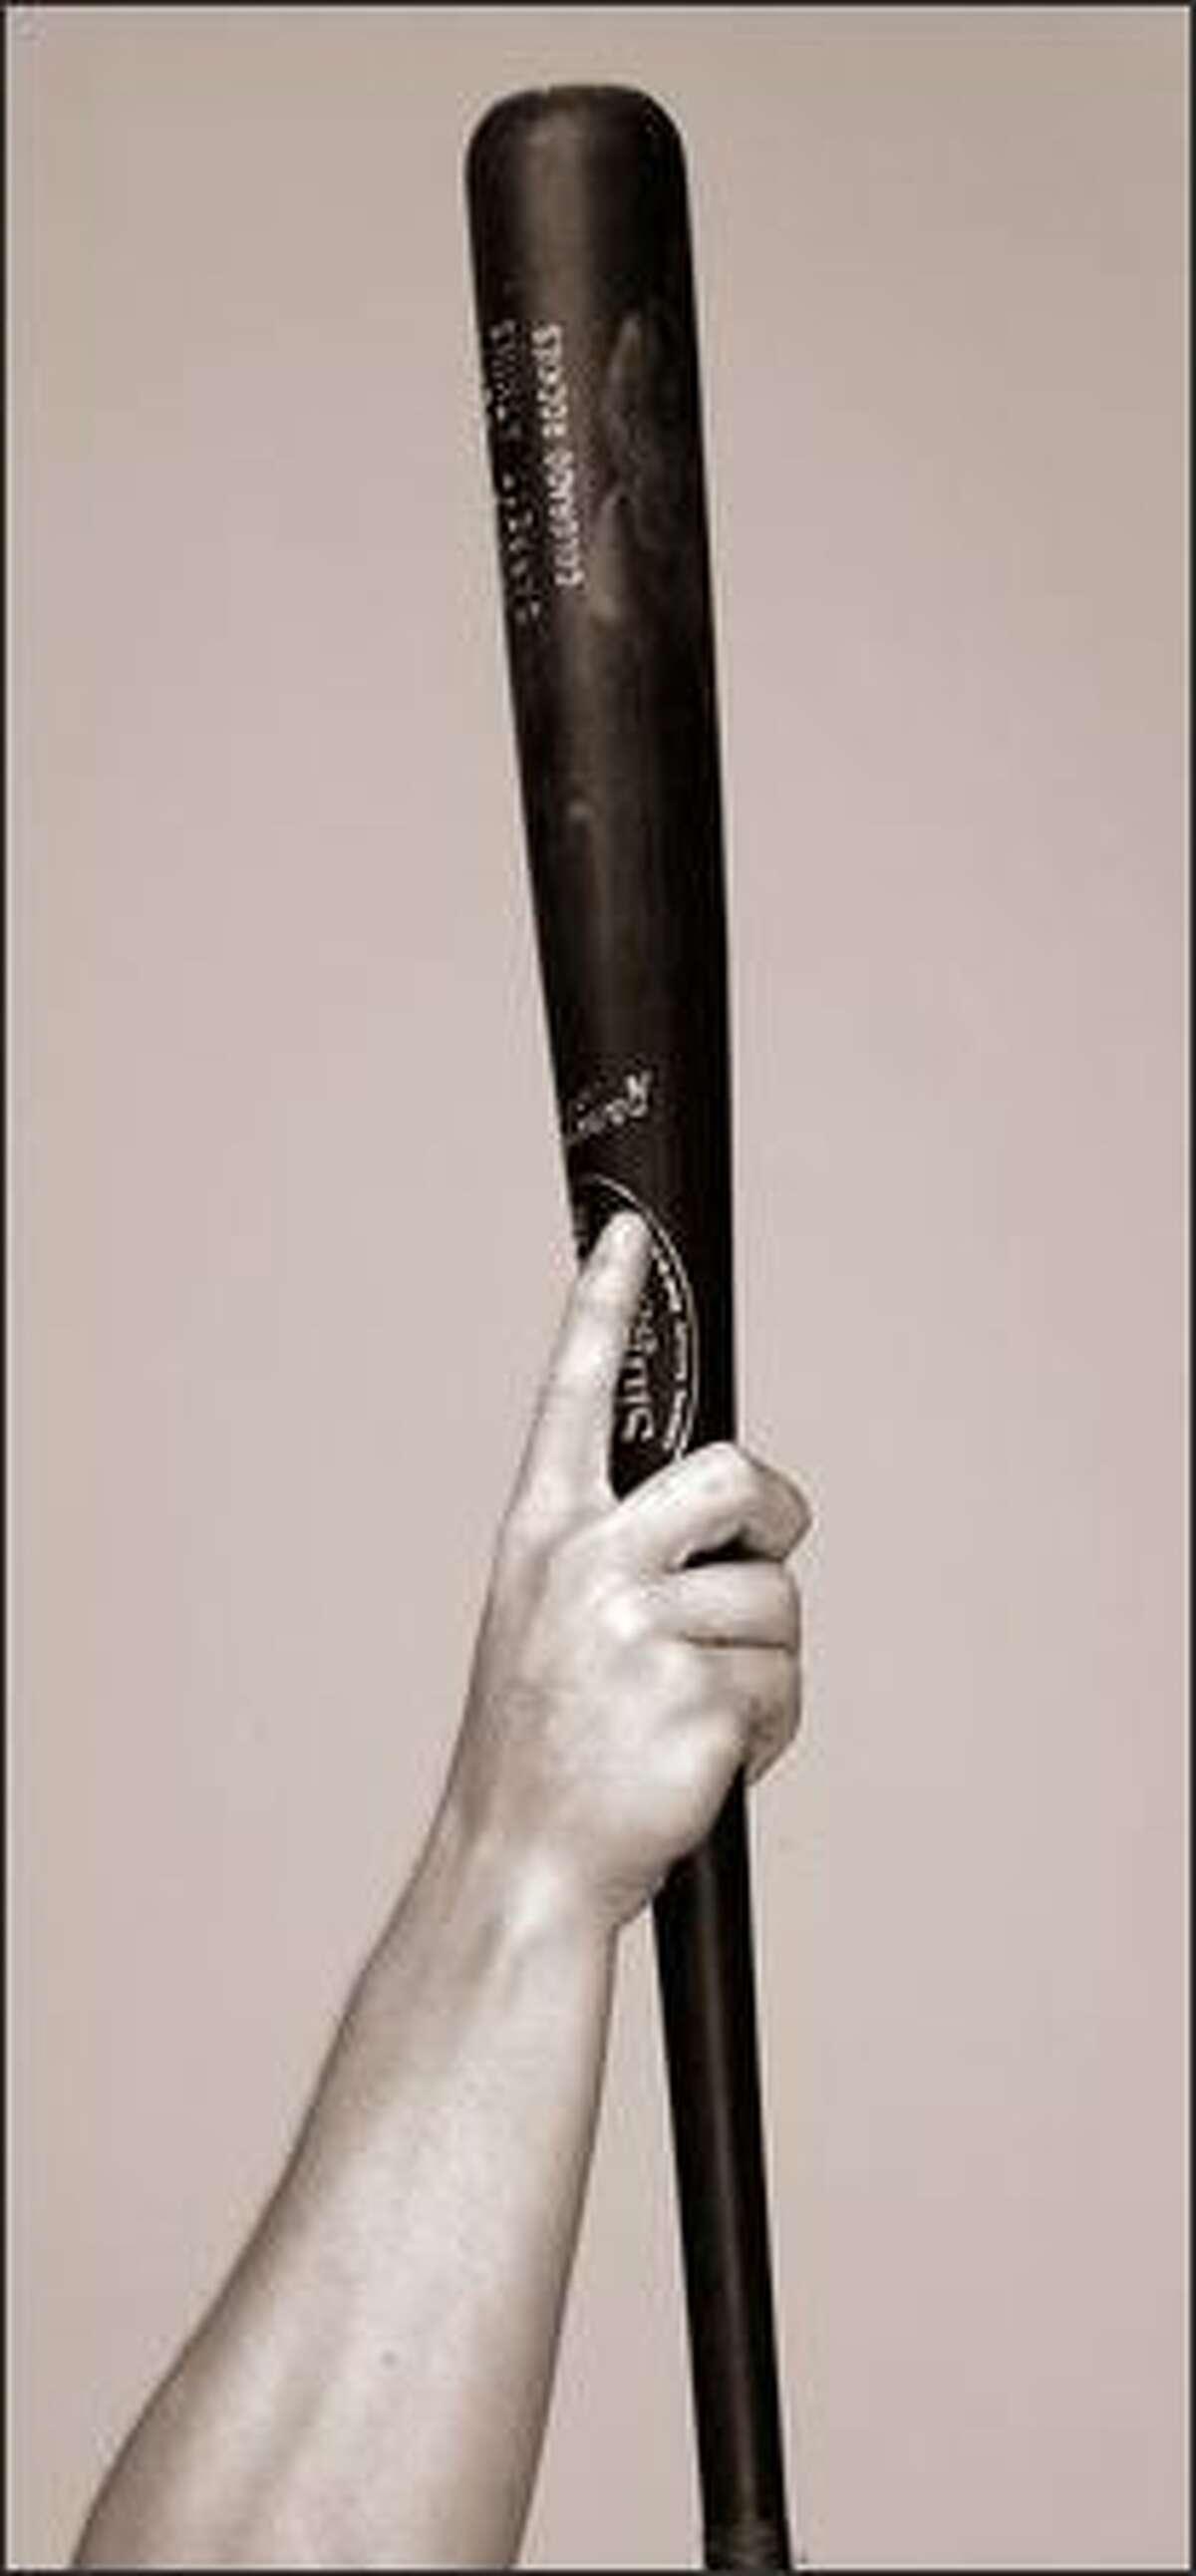 Travis Snider, baseball MVP.